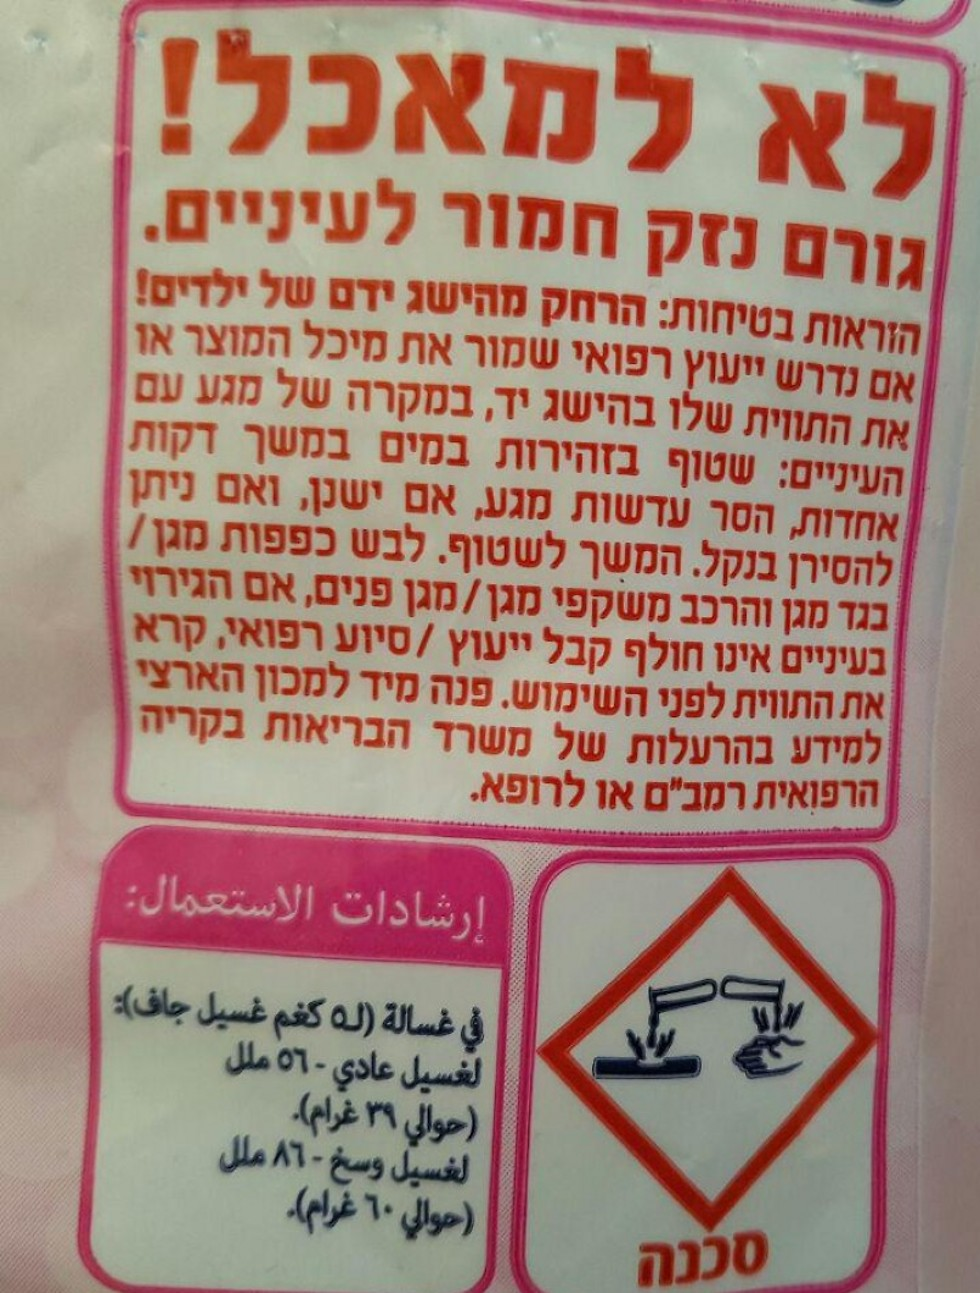 כפפות מגן או בגד מגן וגם: משקפי מגן או מגן פנים. האם צריך כזאת רמה של הגנה מפני אבקת כביסה? ()